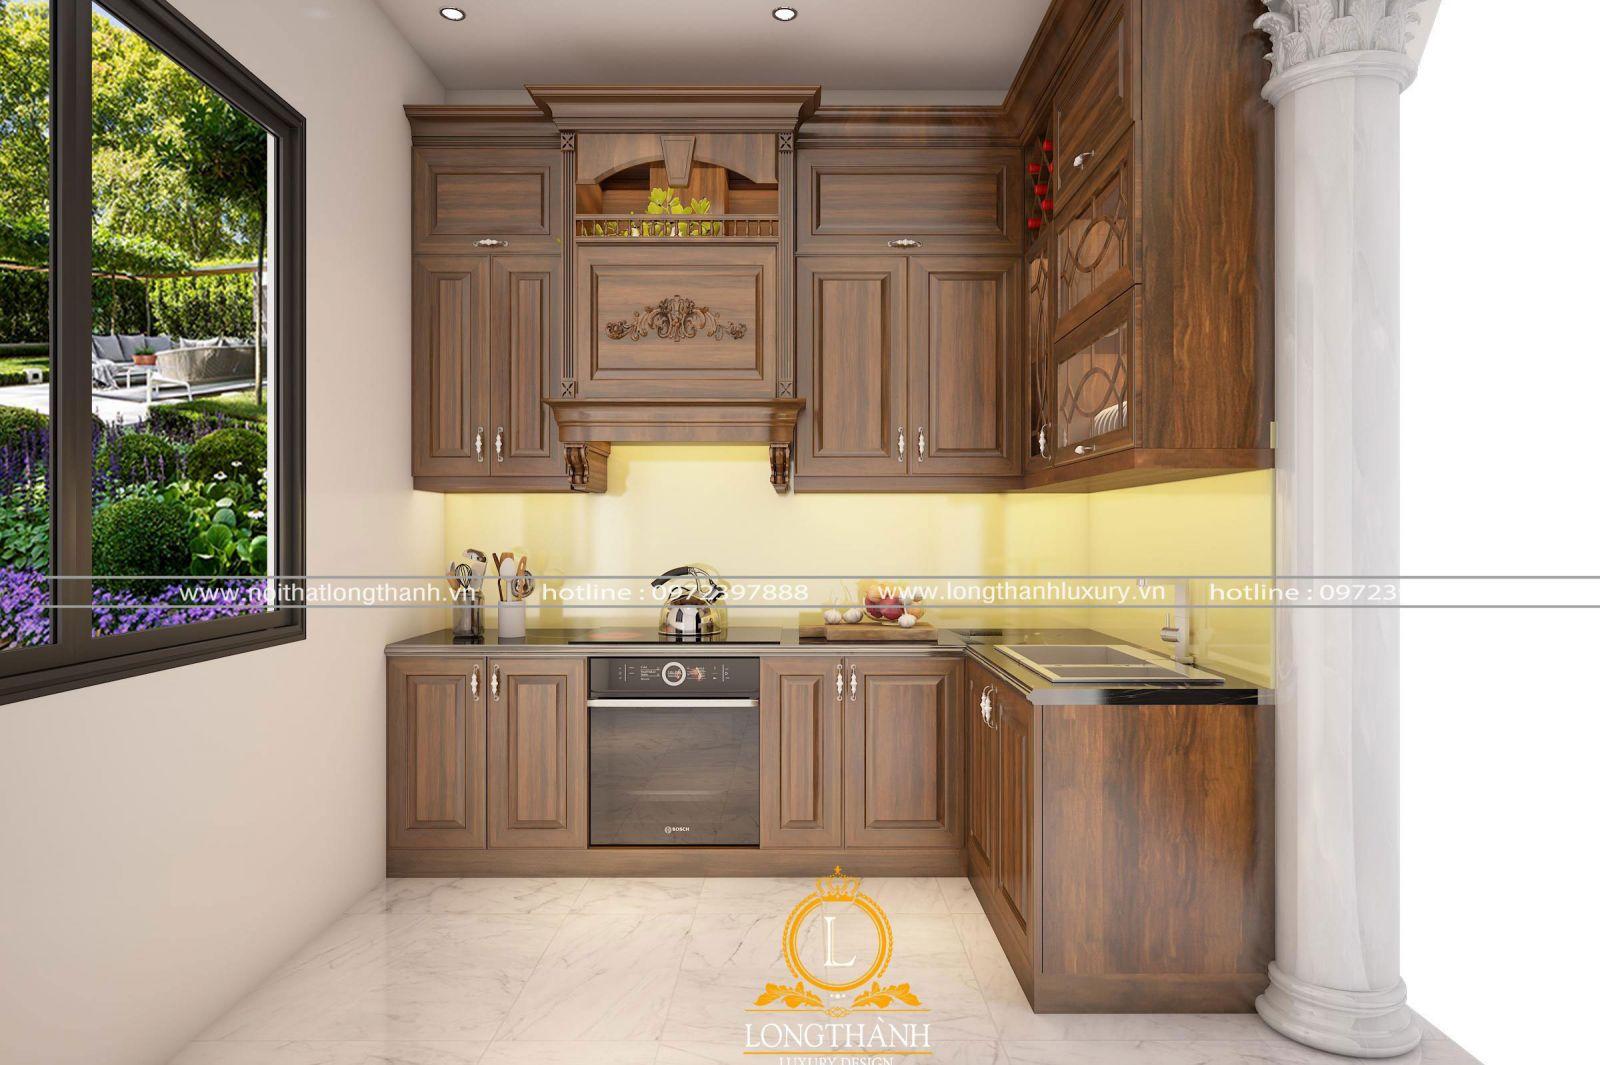 Tủ bếp được thiết kế theo không gian chung cư